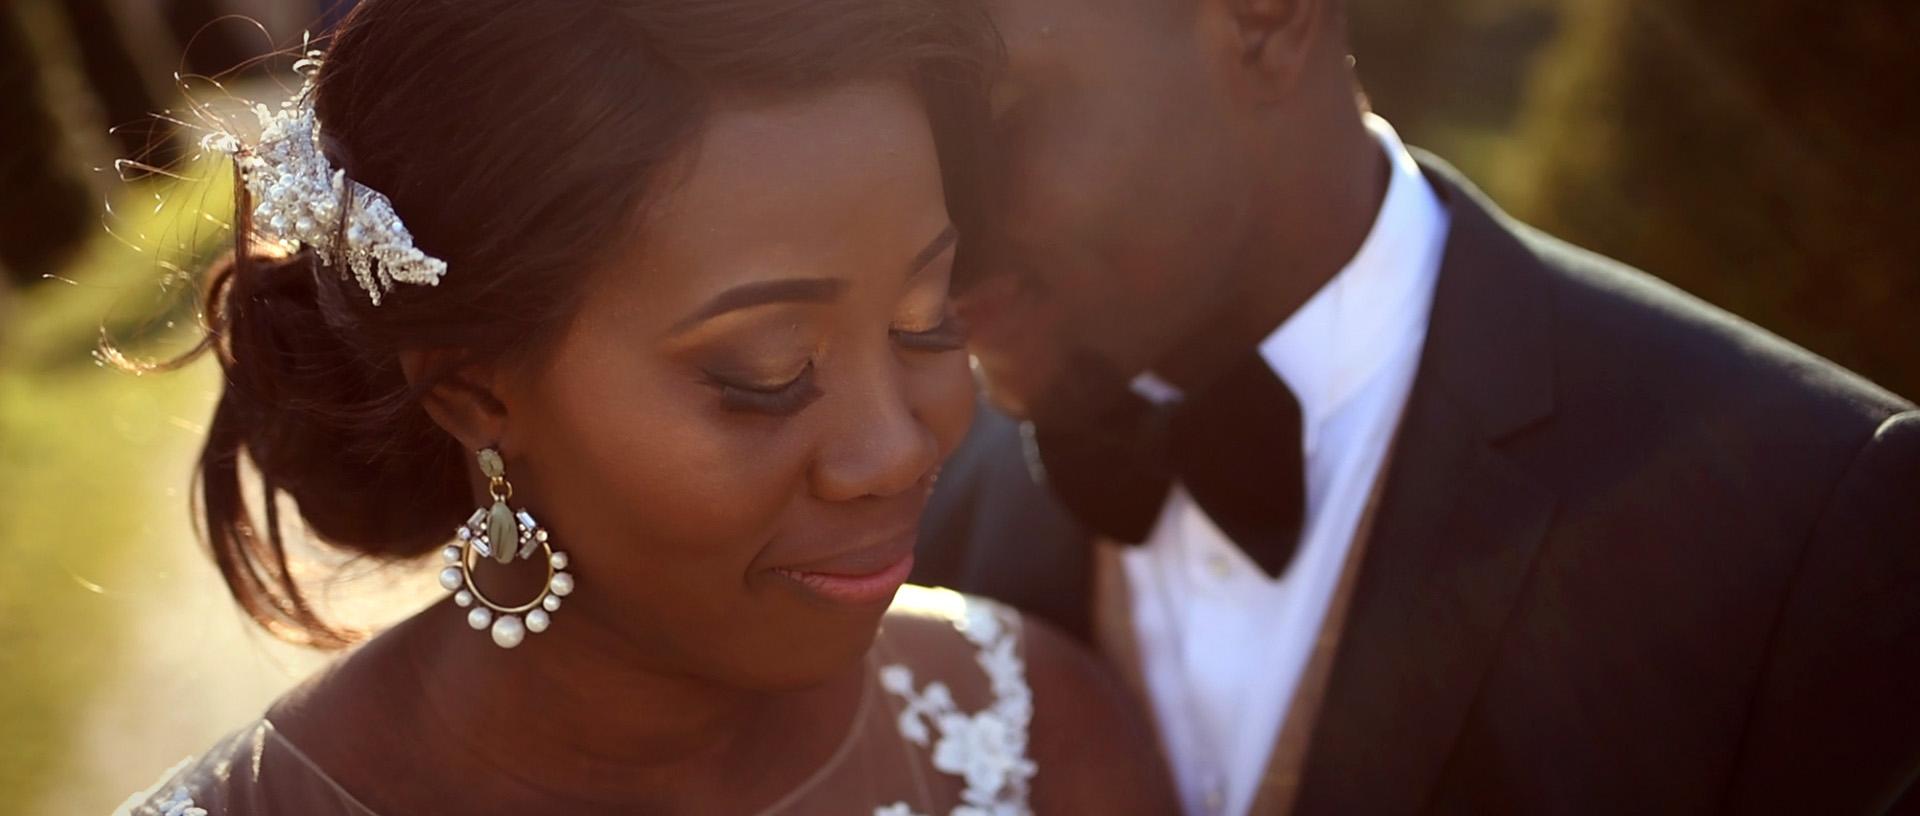 videaste mariage - wedding videographer - Paris - IDF - Clos des Fermiers